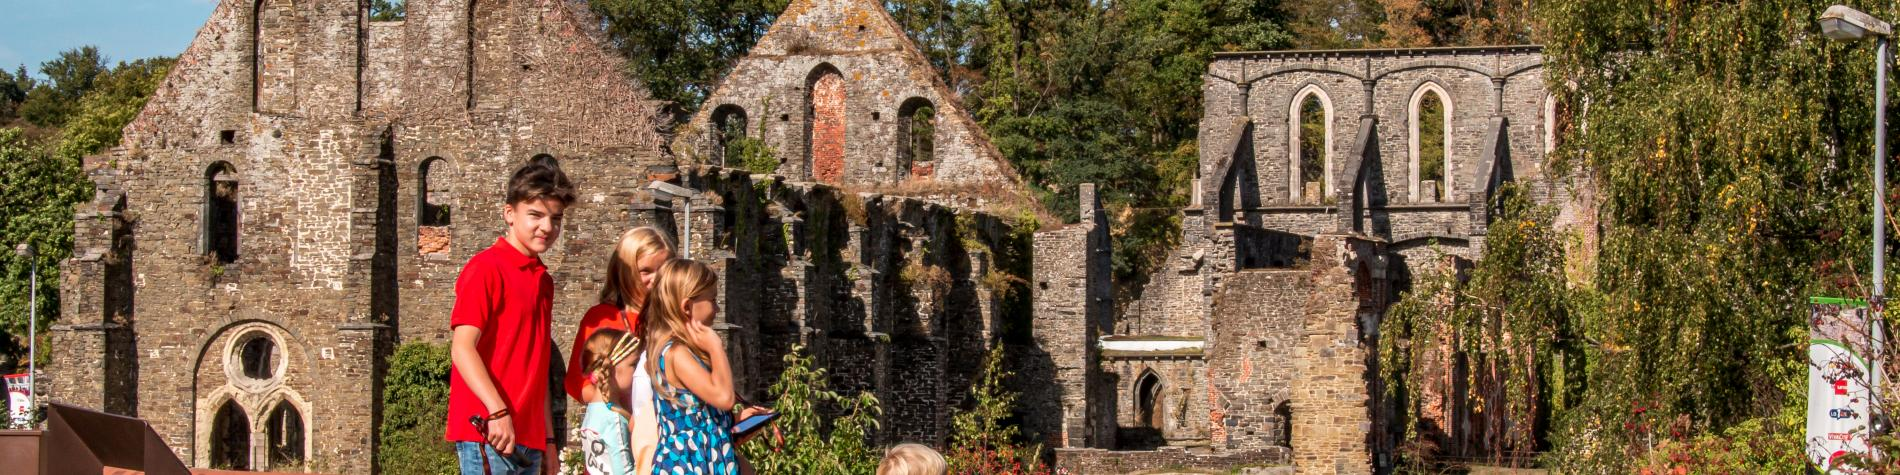 Abbaye de Villers-la-Ville familles-MTBW